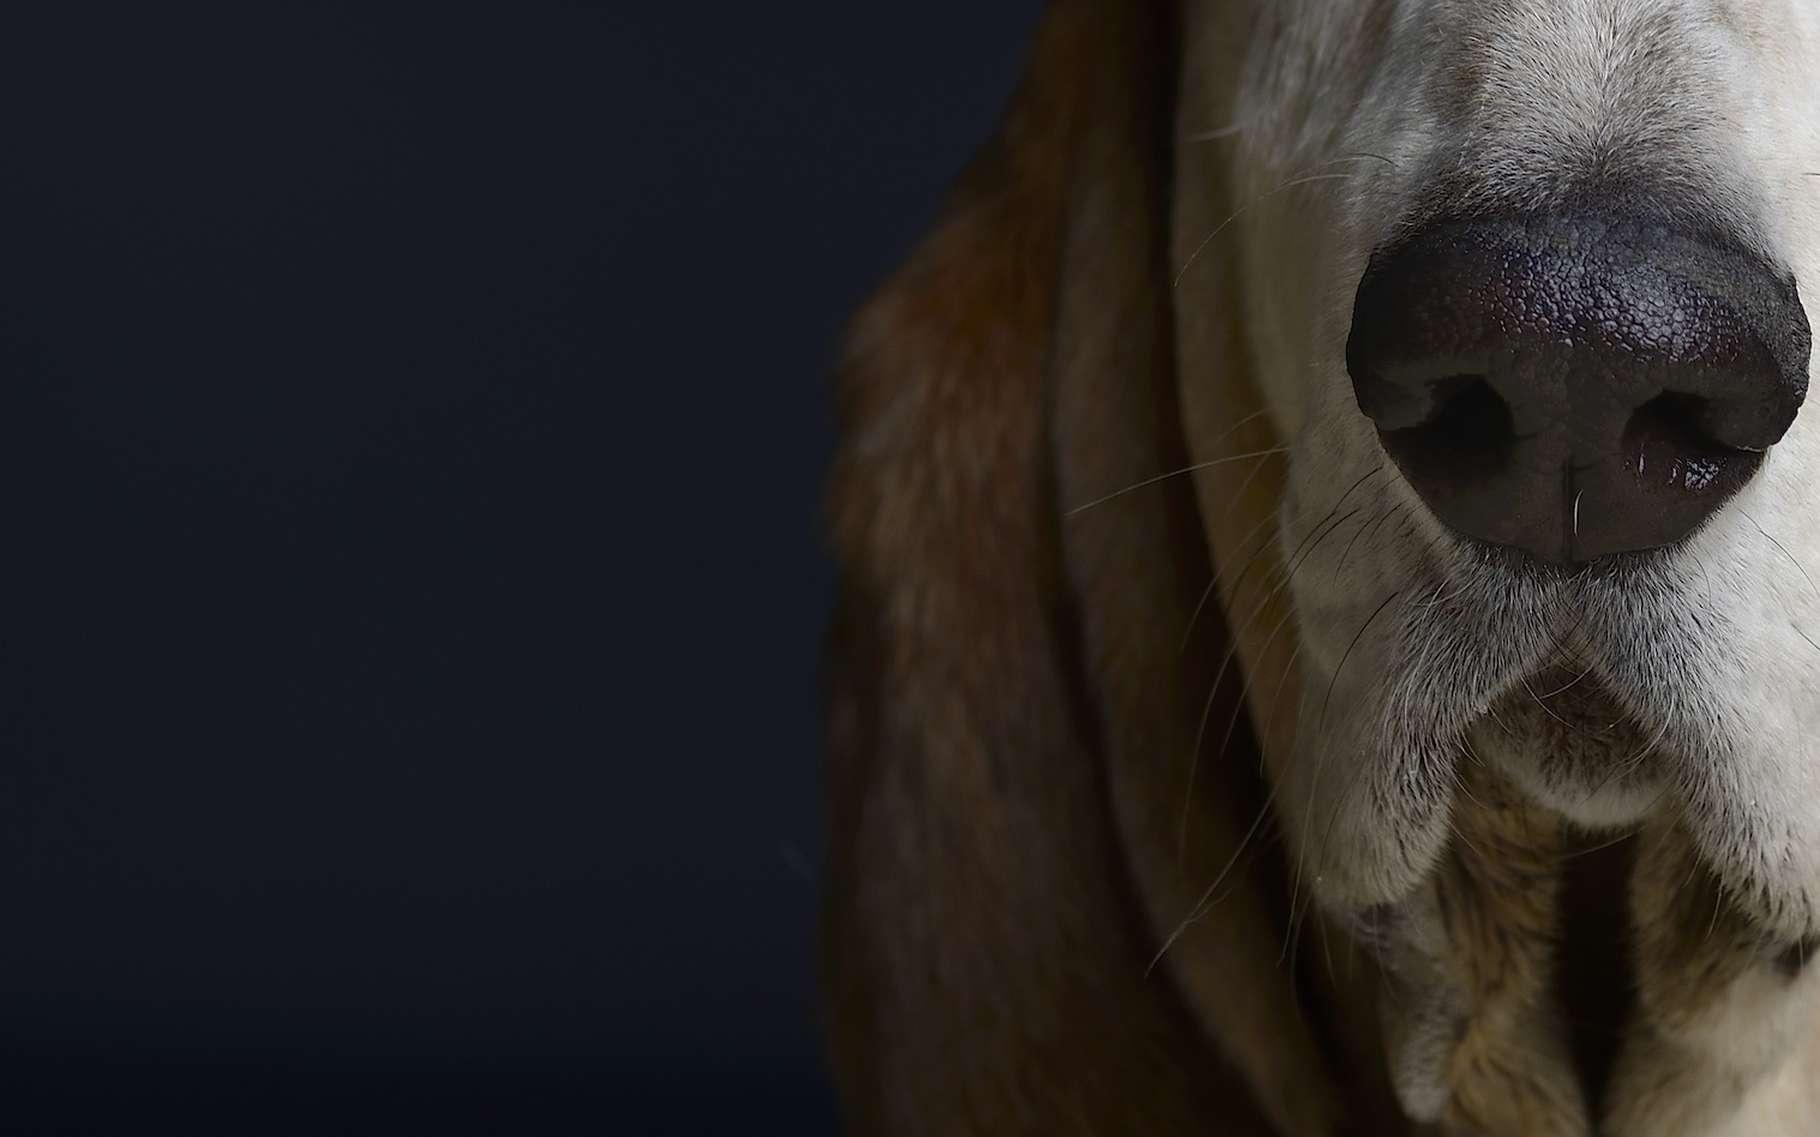 Ce détecteur de maladie rivalise avec le nez d'un chien - Futura